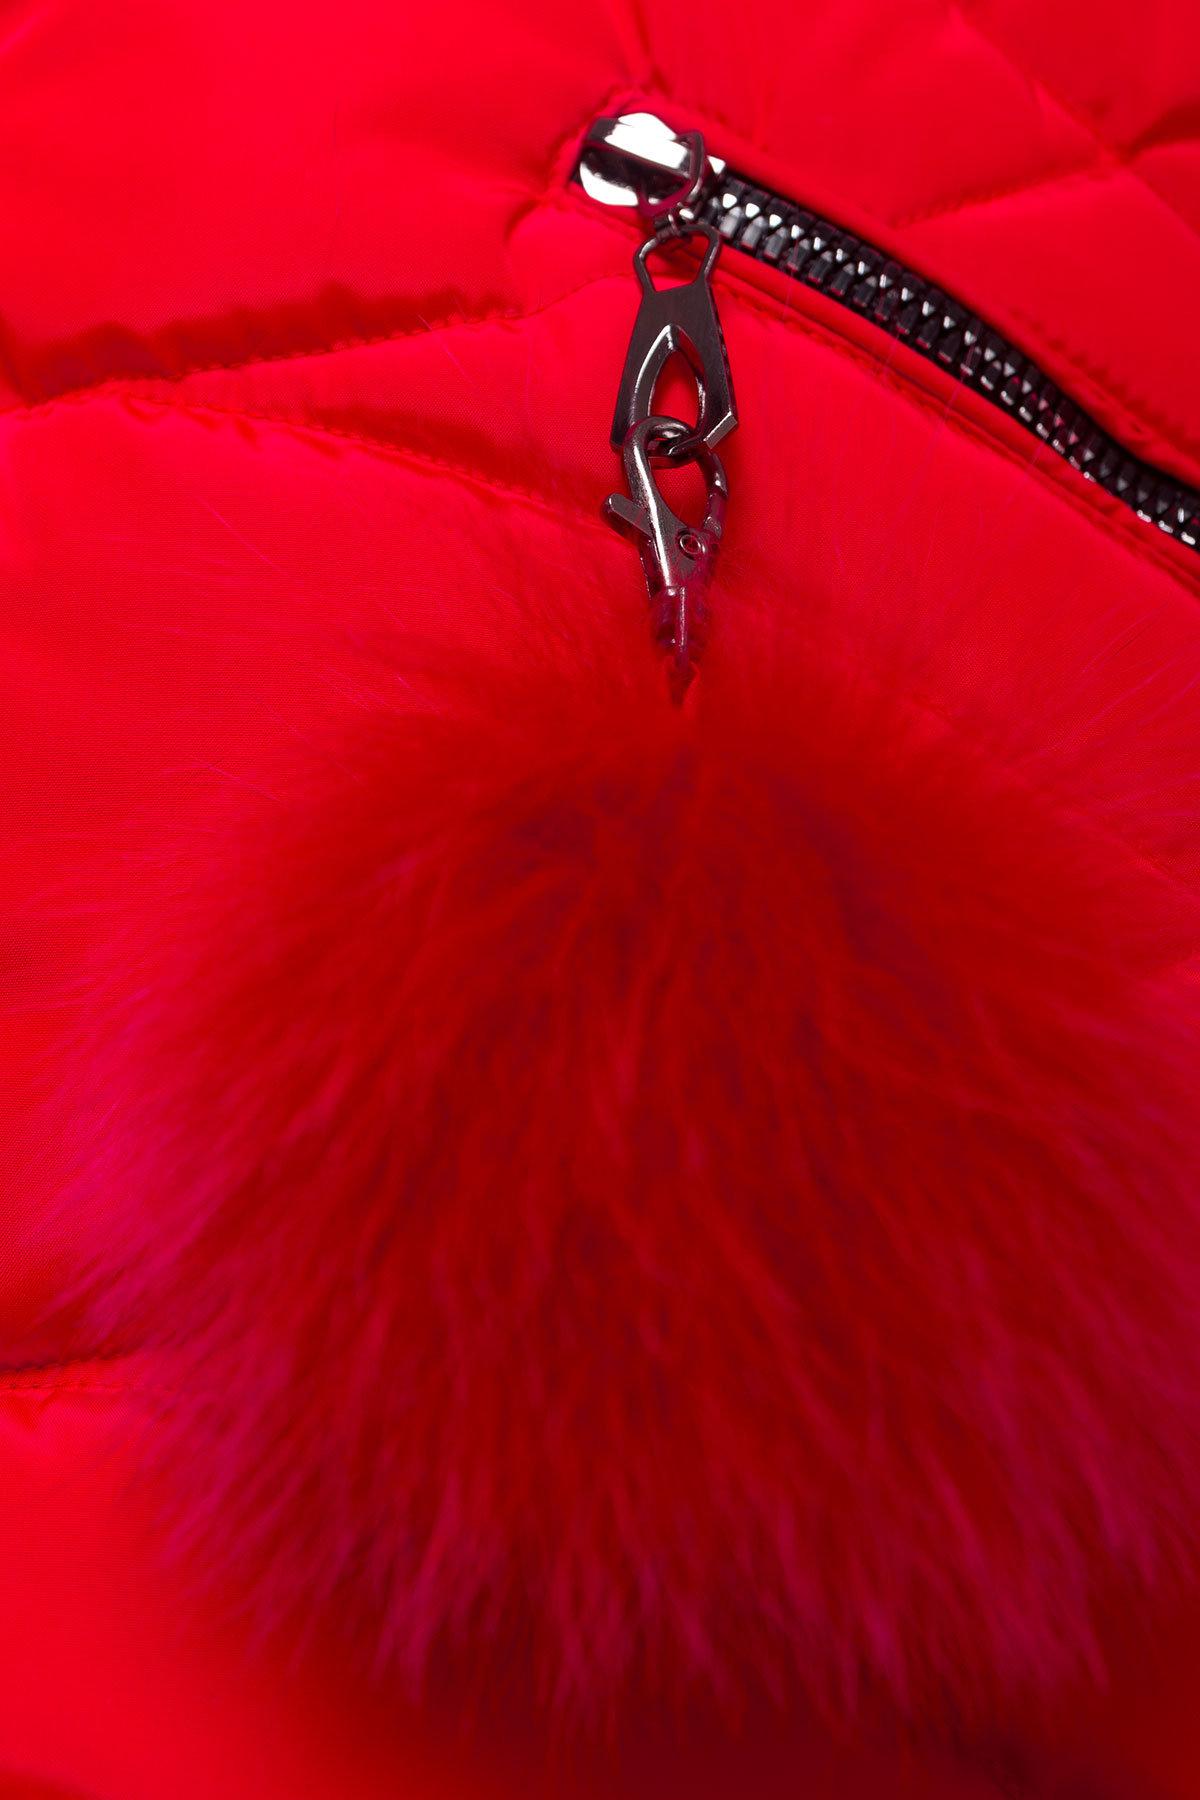 Пуховик прямого кроя Ингрид 4235 АРТ. 20890 Цвет: Красный - фото 5, интернет магазин tm-modus.ru